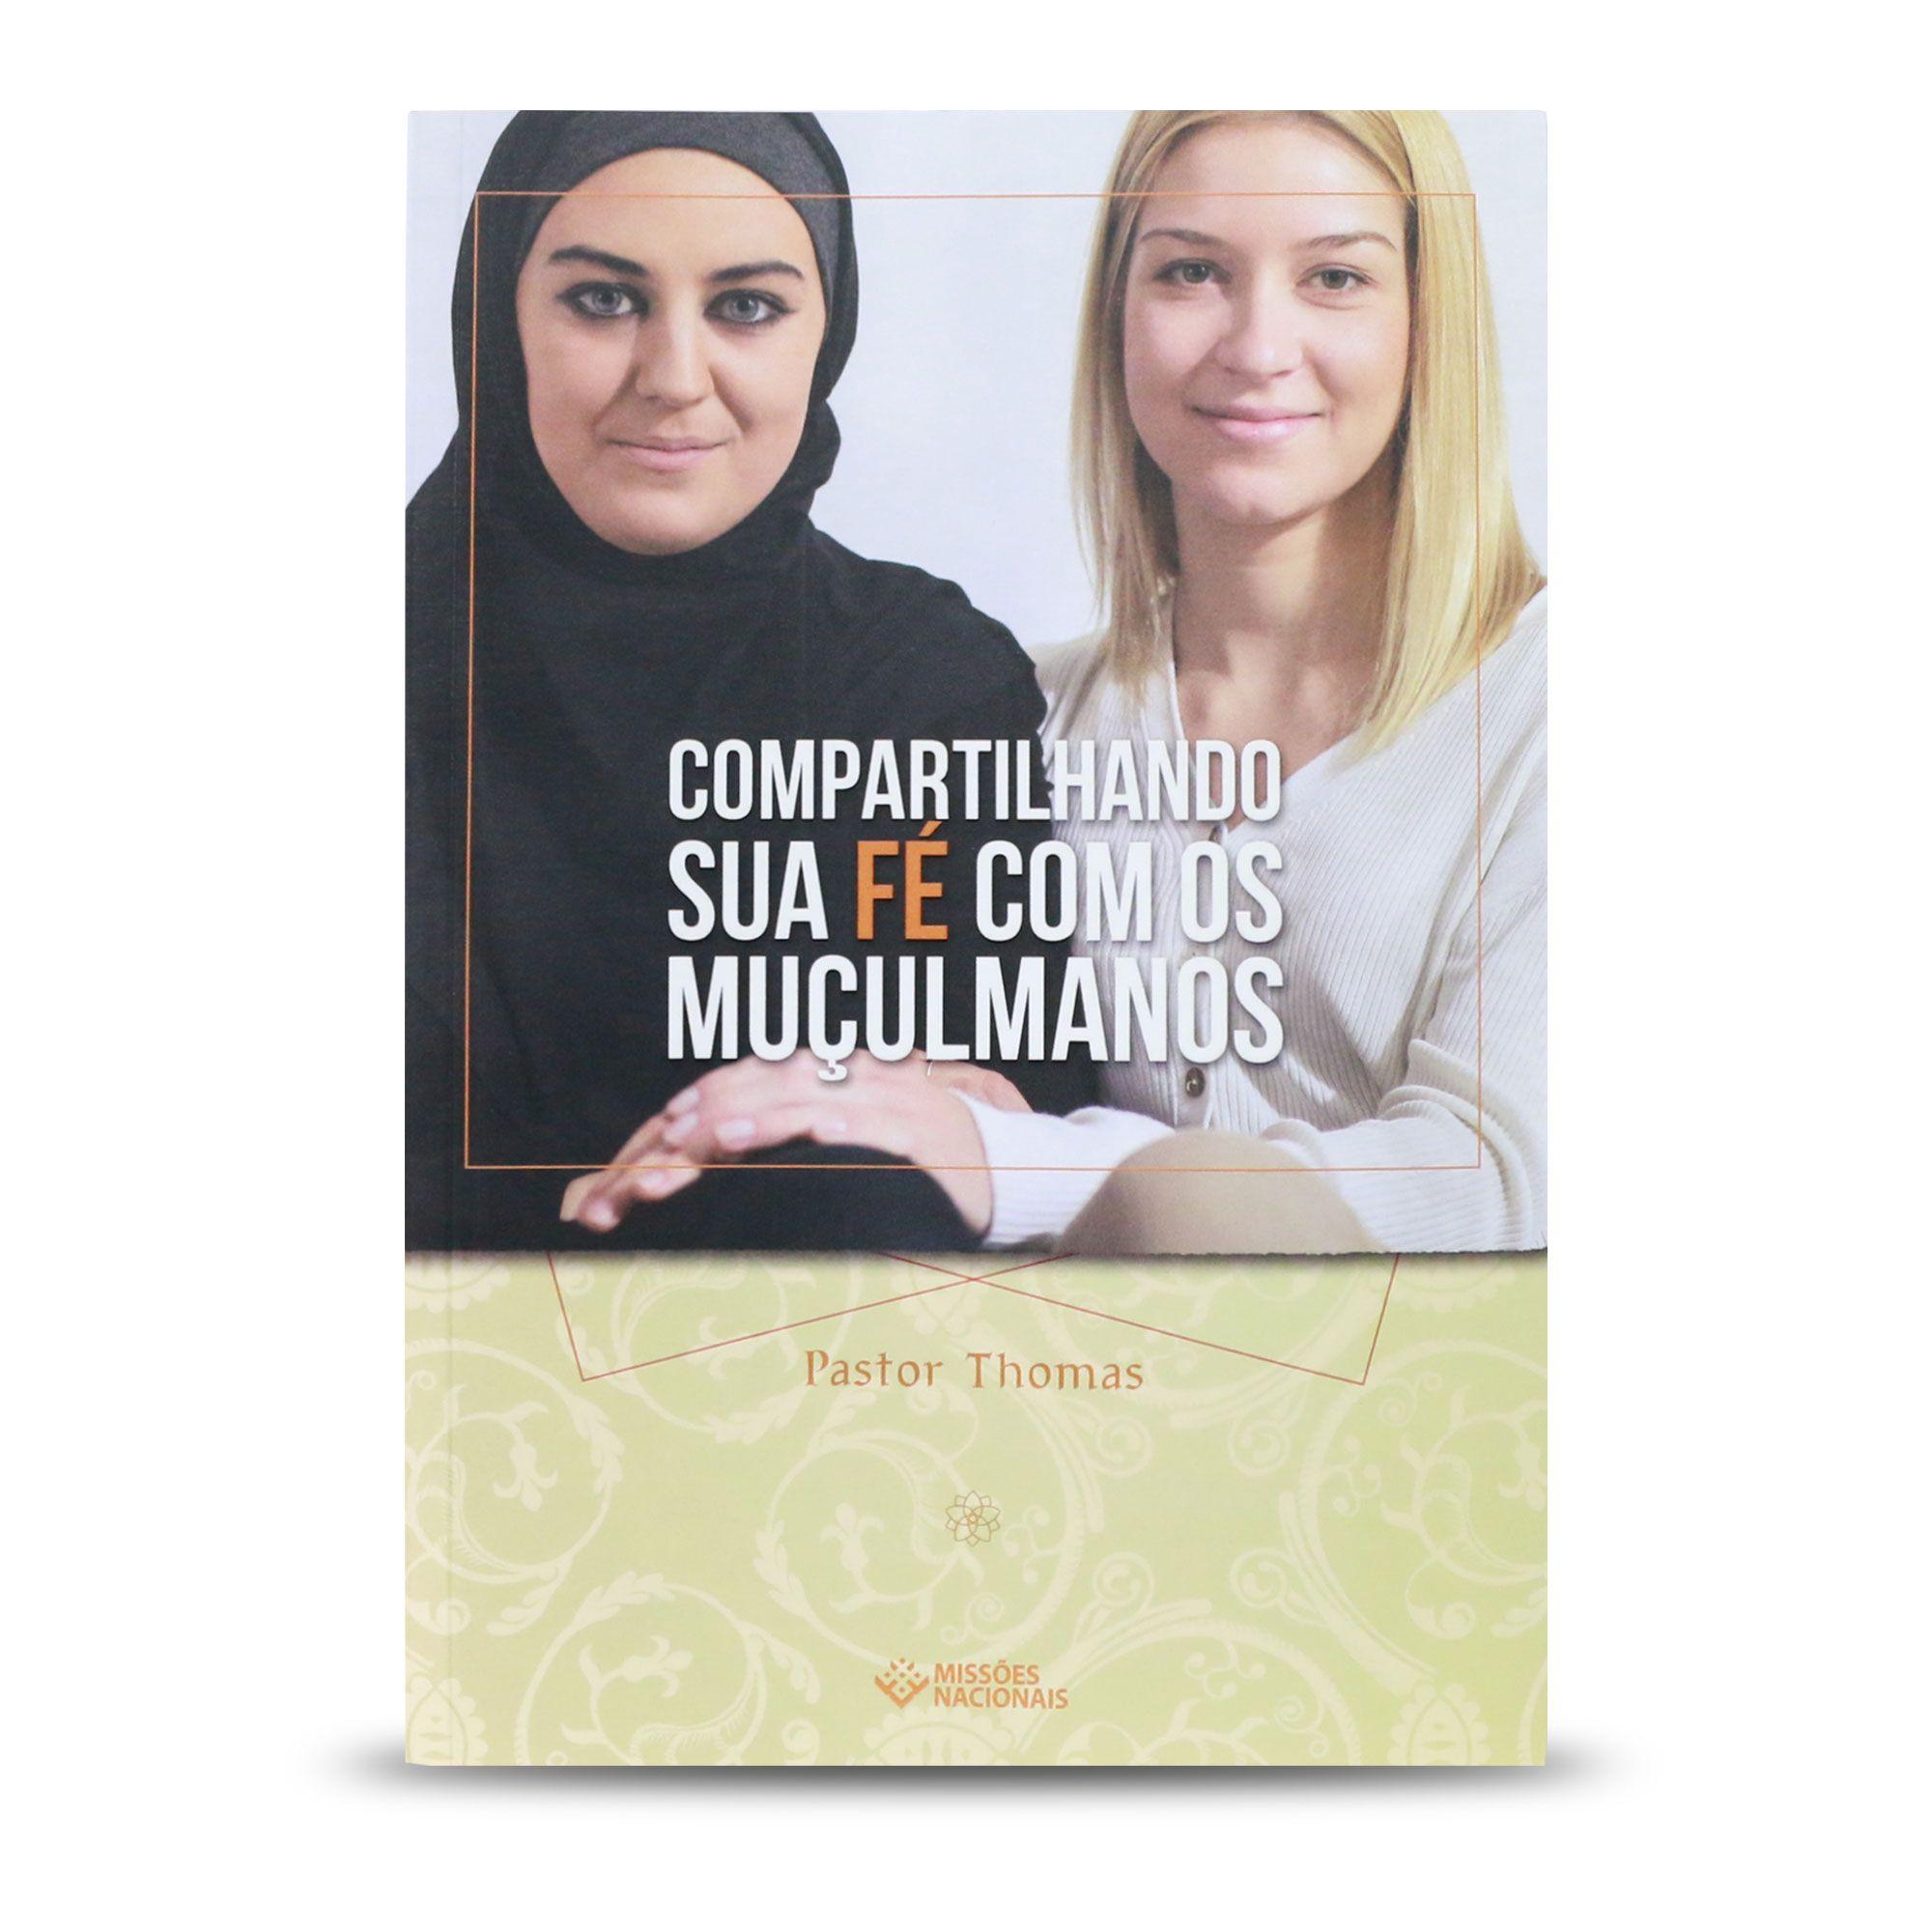 Compartilhando a Fé com Muçulmanos